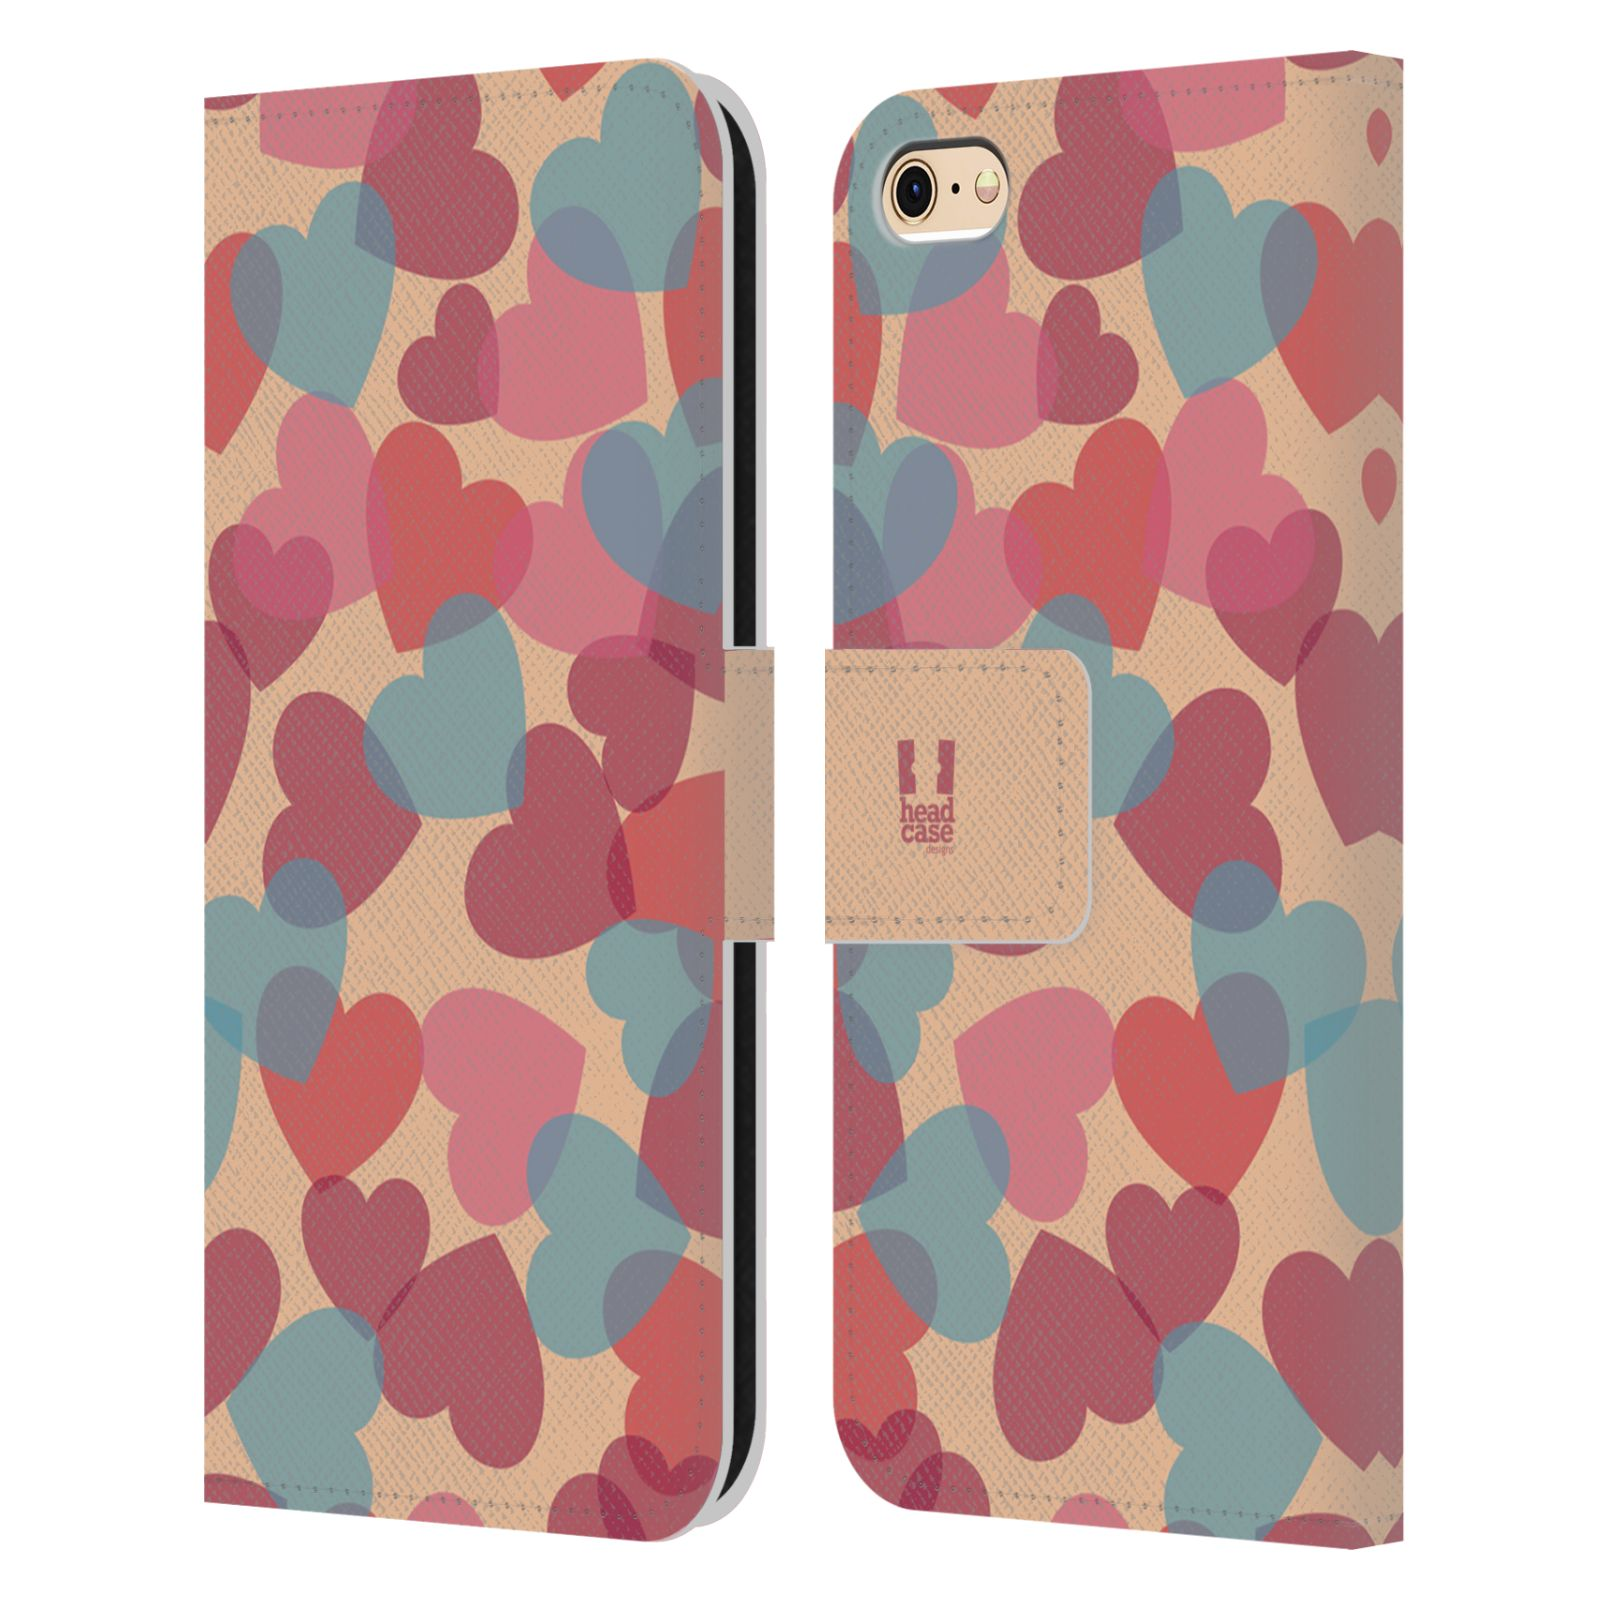 HEAD CASE Flipové pouzdro pro mobil Apple Iphone 6/6s vzor prolínající se srdíčka, srdce, láska, růžová